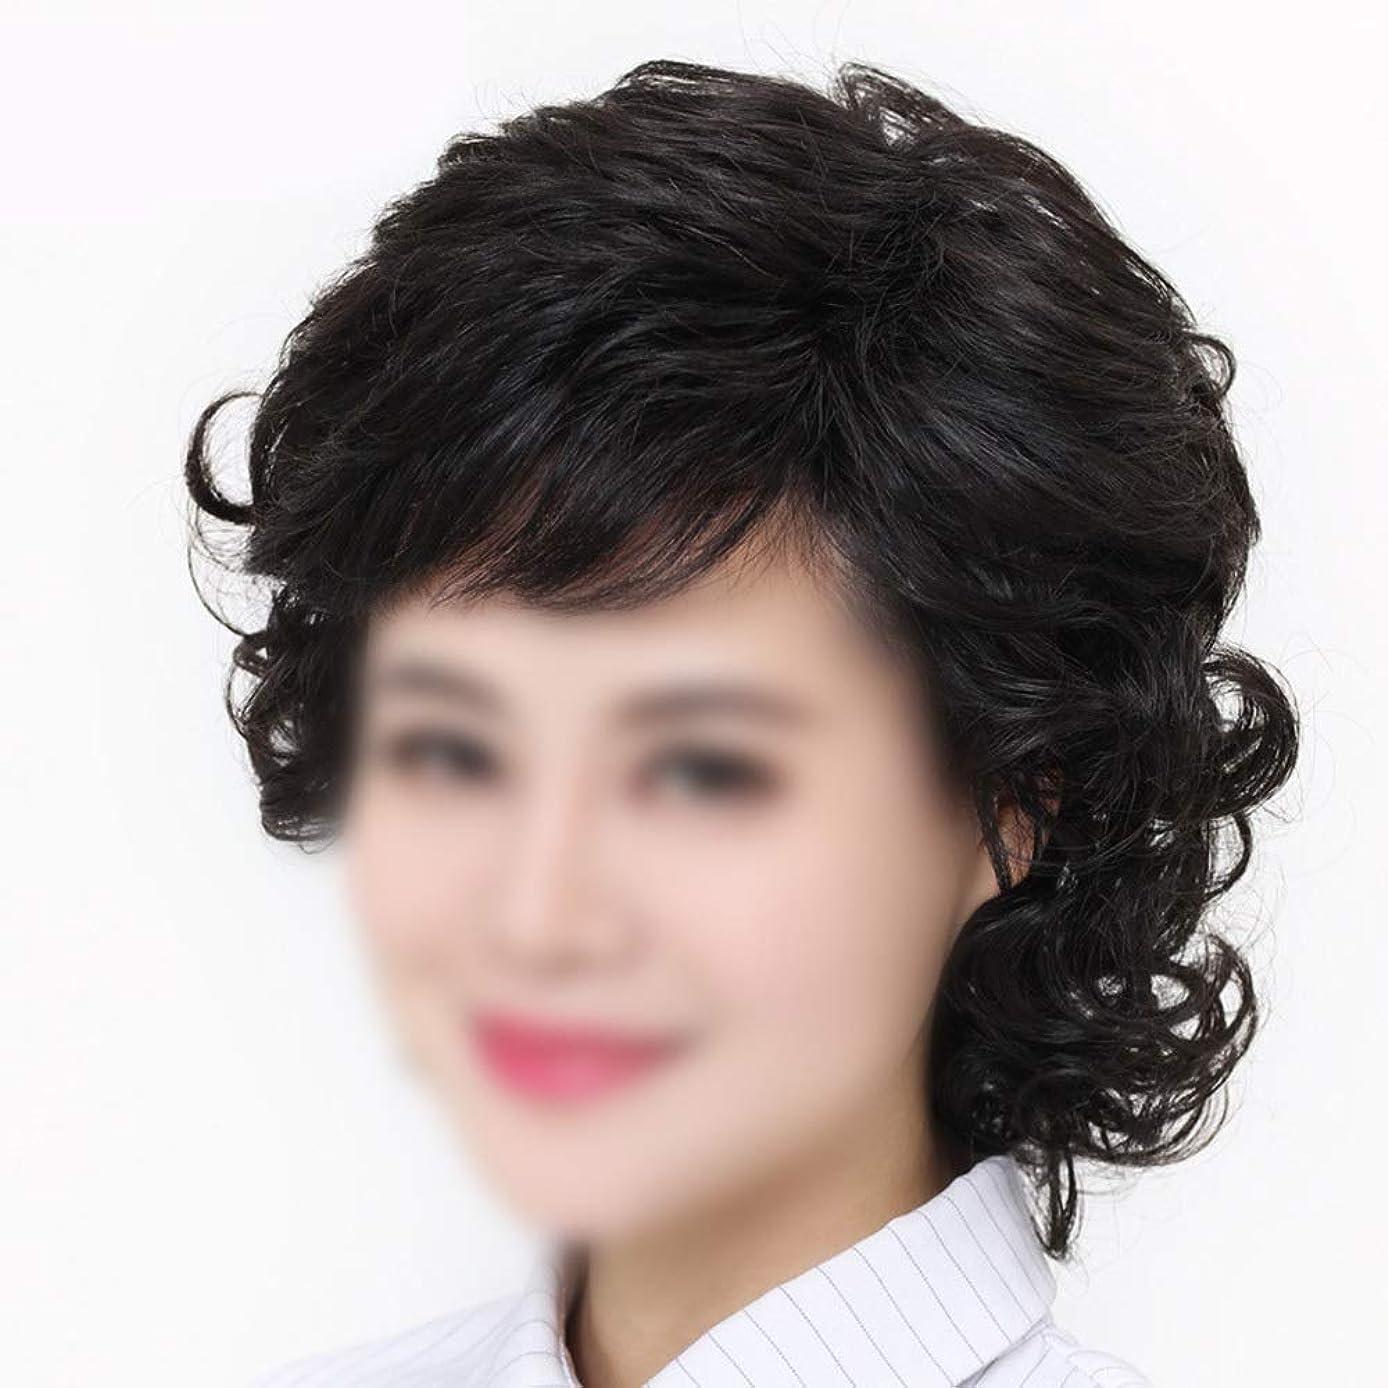 想像力豊かな見落とすシティYOUQIU 女性の中年ウィッグ母の髪のかつらのために手織りショートヘアレアル髪ダークブラウンウィッグ (色 : Natural black, サイズ : Hand-needle)